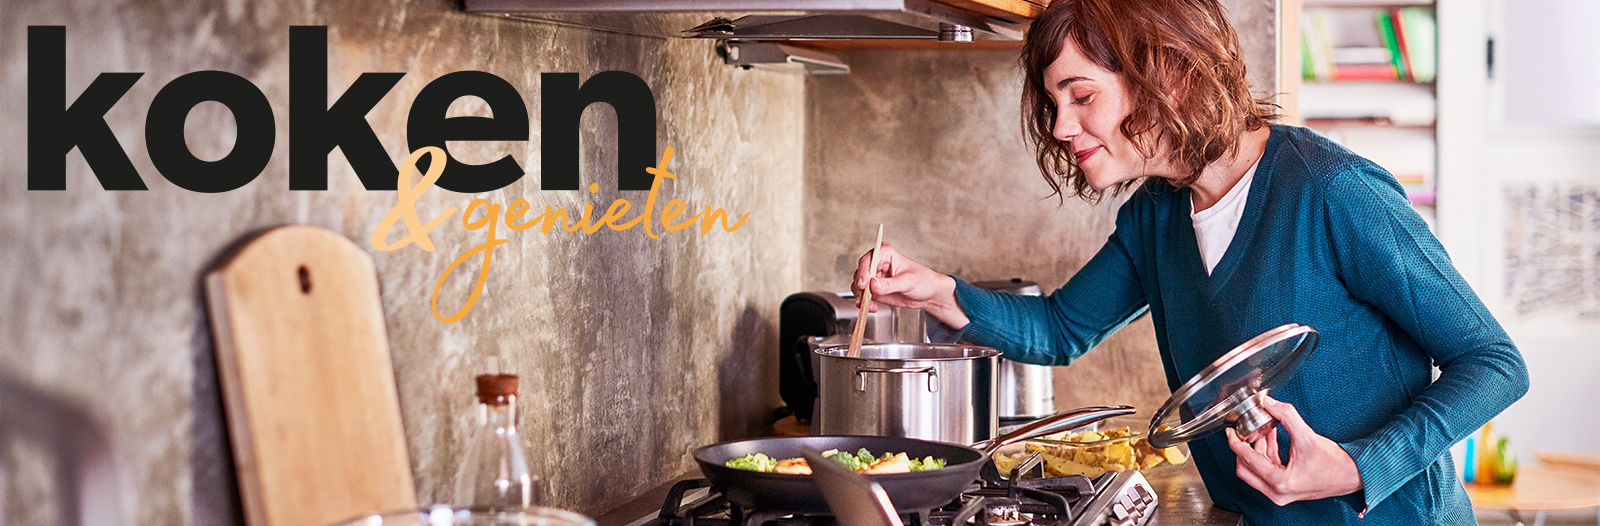 koken & genieten specials